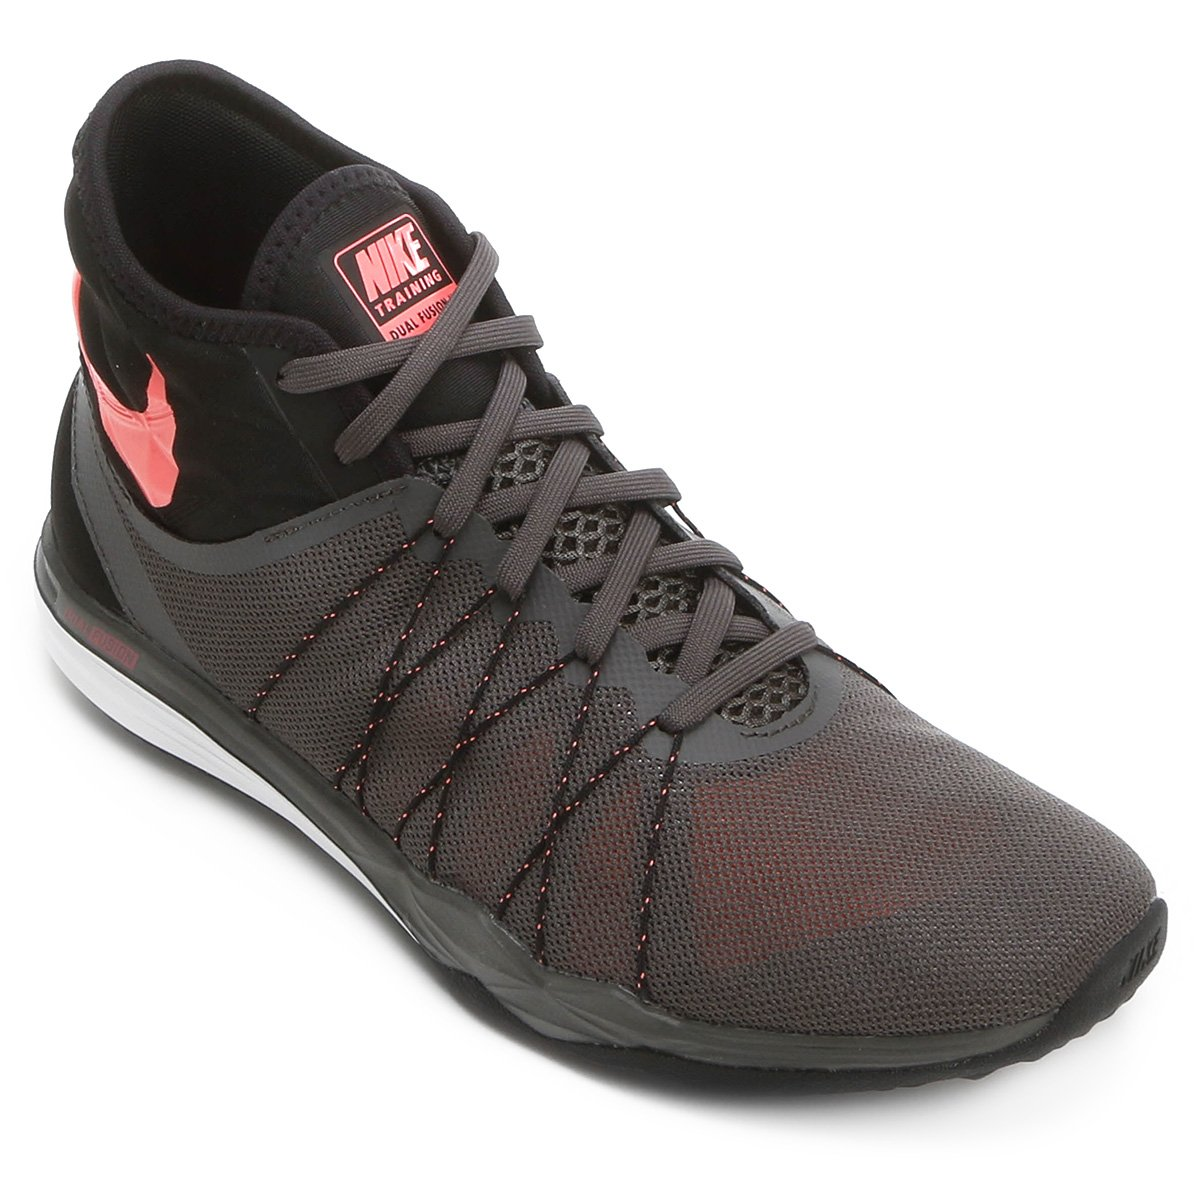 c7b09f205b Tênis Nike Dual Fusion TR Hit Feminino - Compre Agora